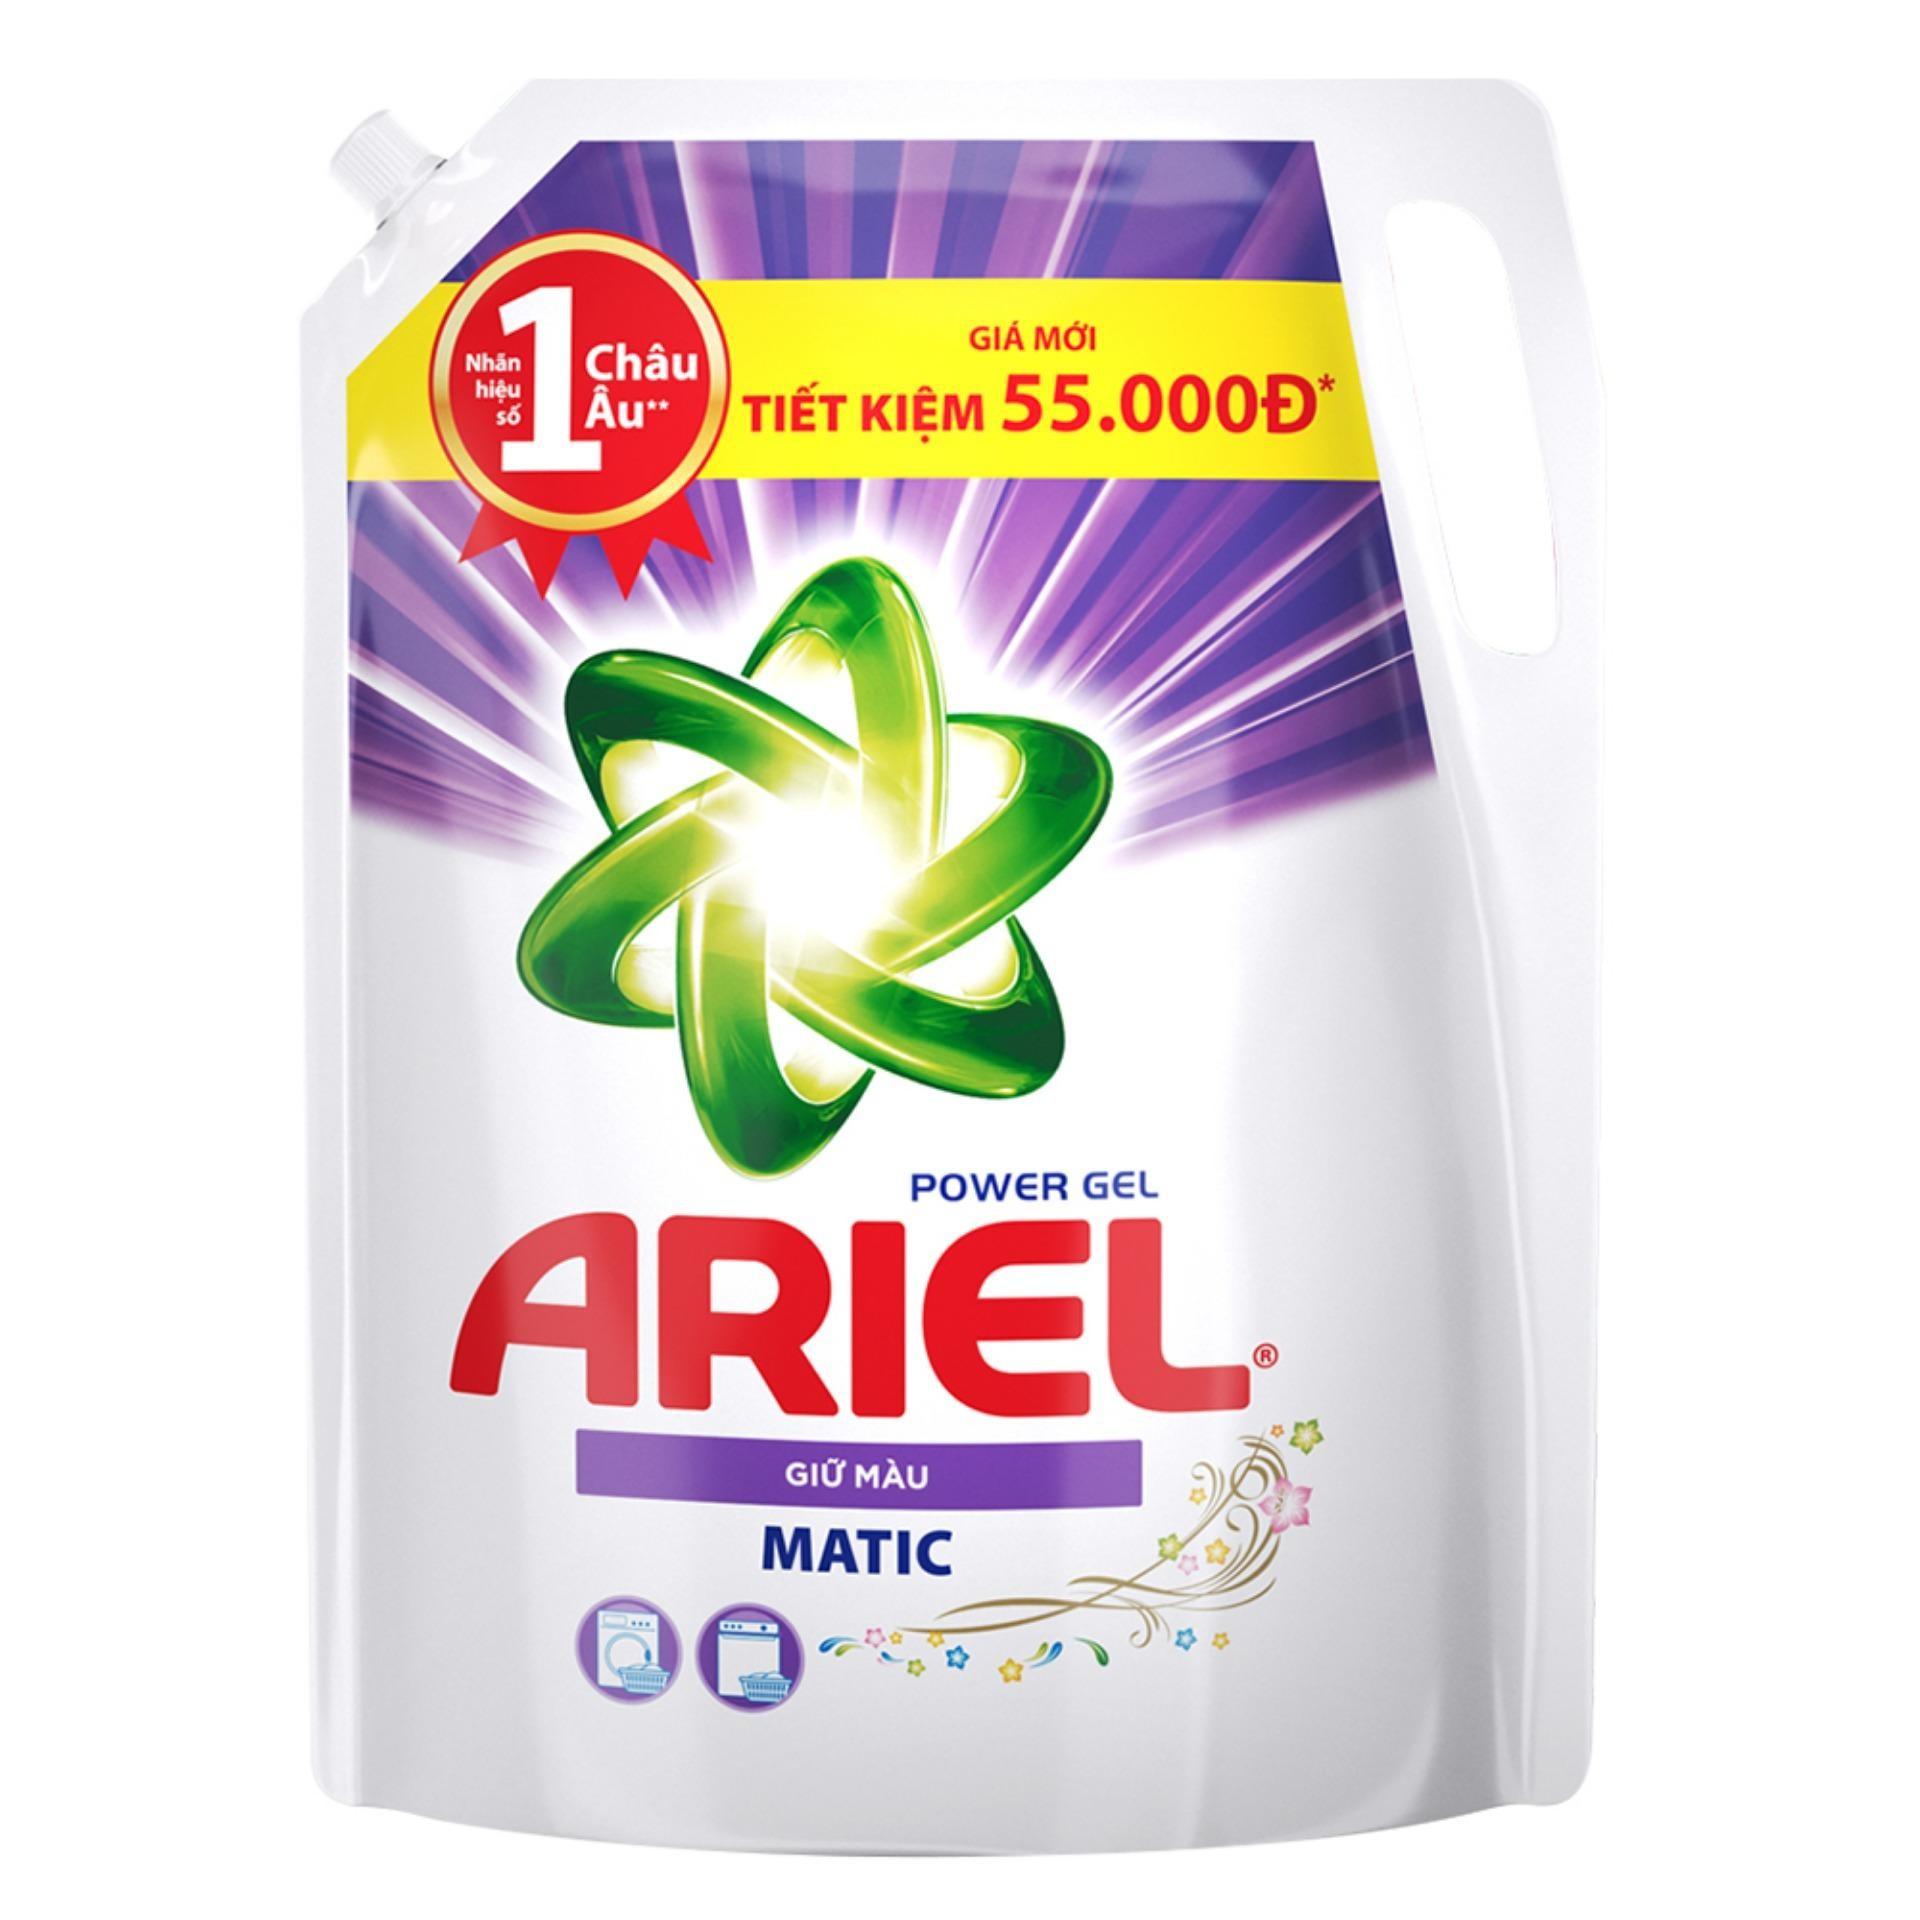 Nước giặt  Ariel giữ màu túi 2 lít